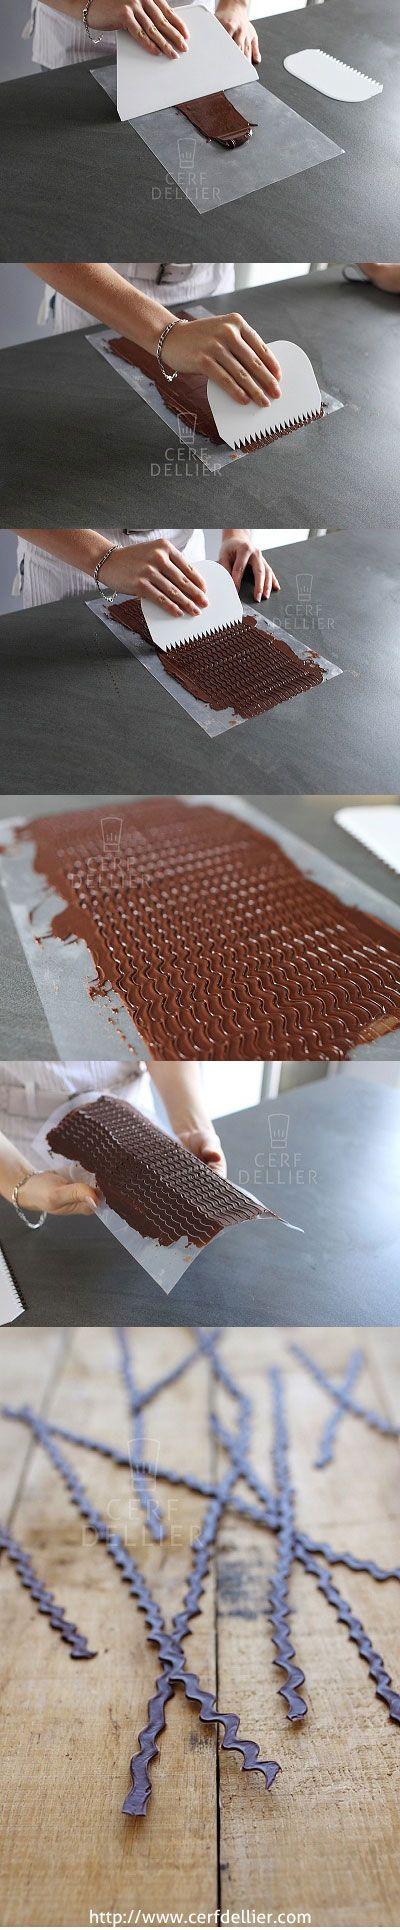 [Tuto] Réaliser des bâtonnets ondulés en chocolat.